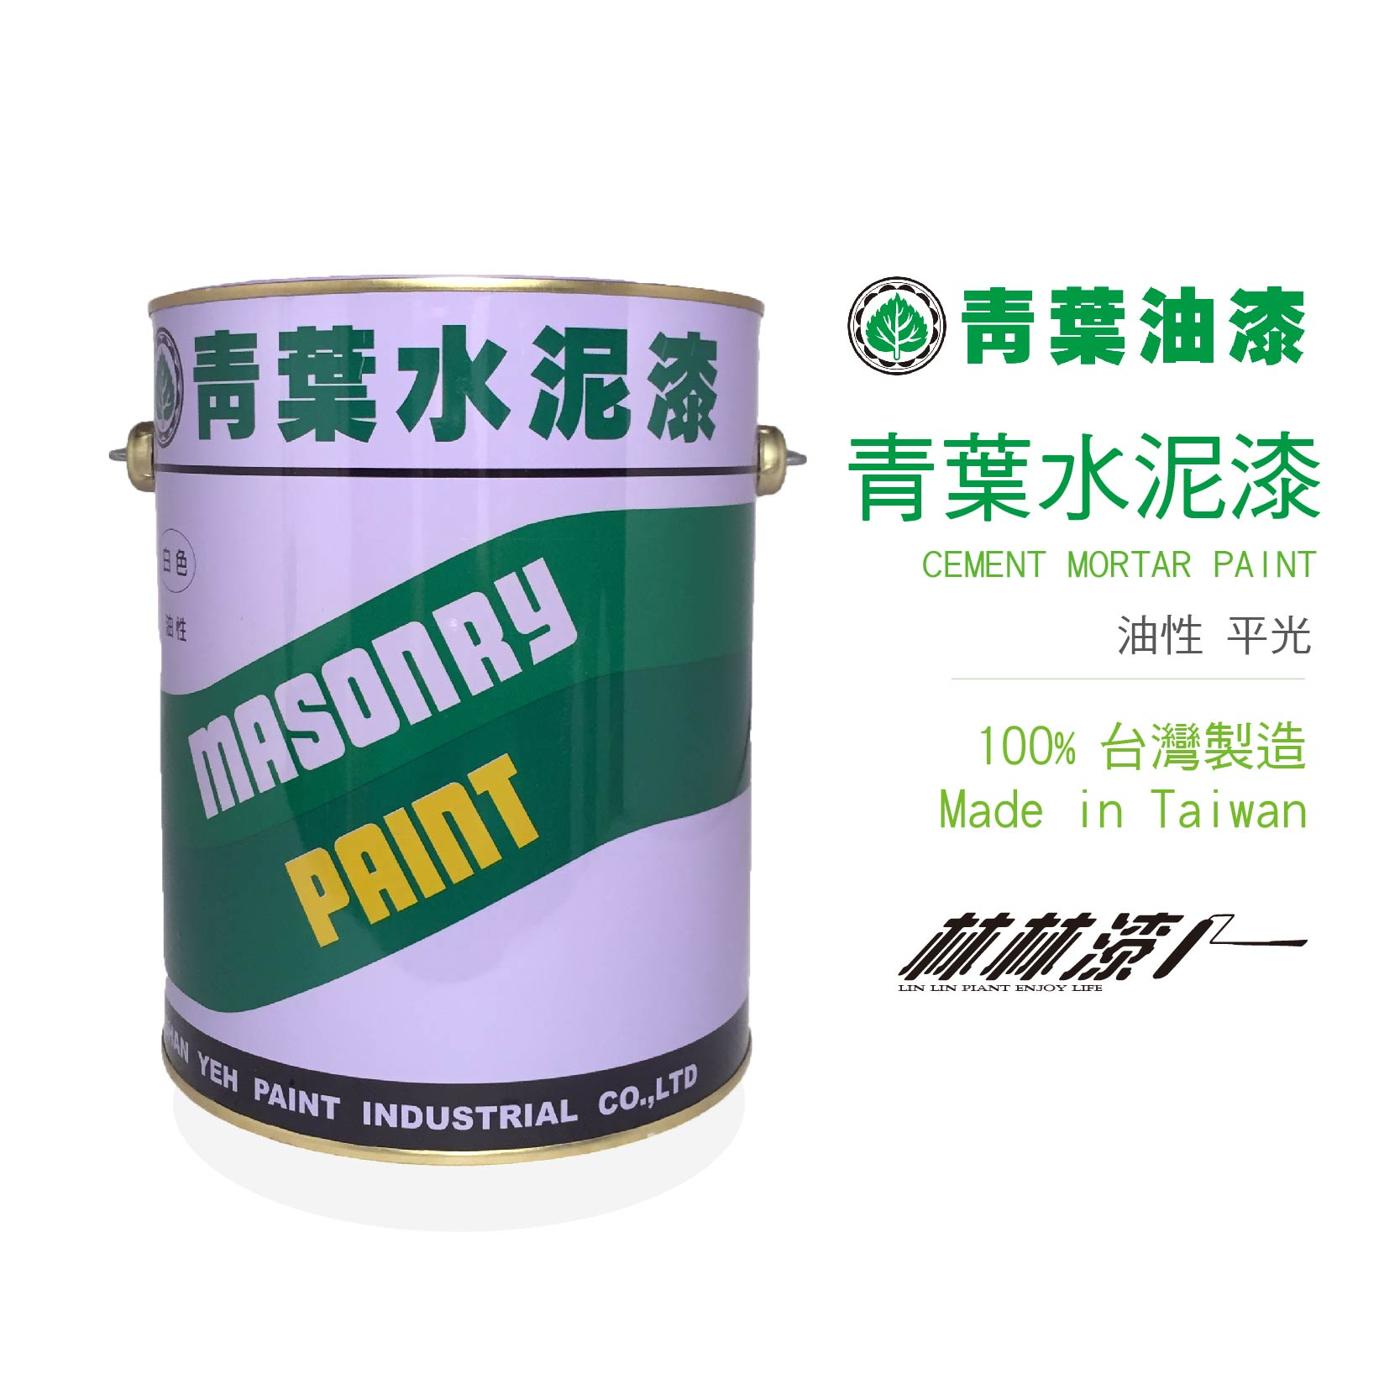 林林漆青葉油性水泥漆平光百合白1加侖